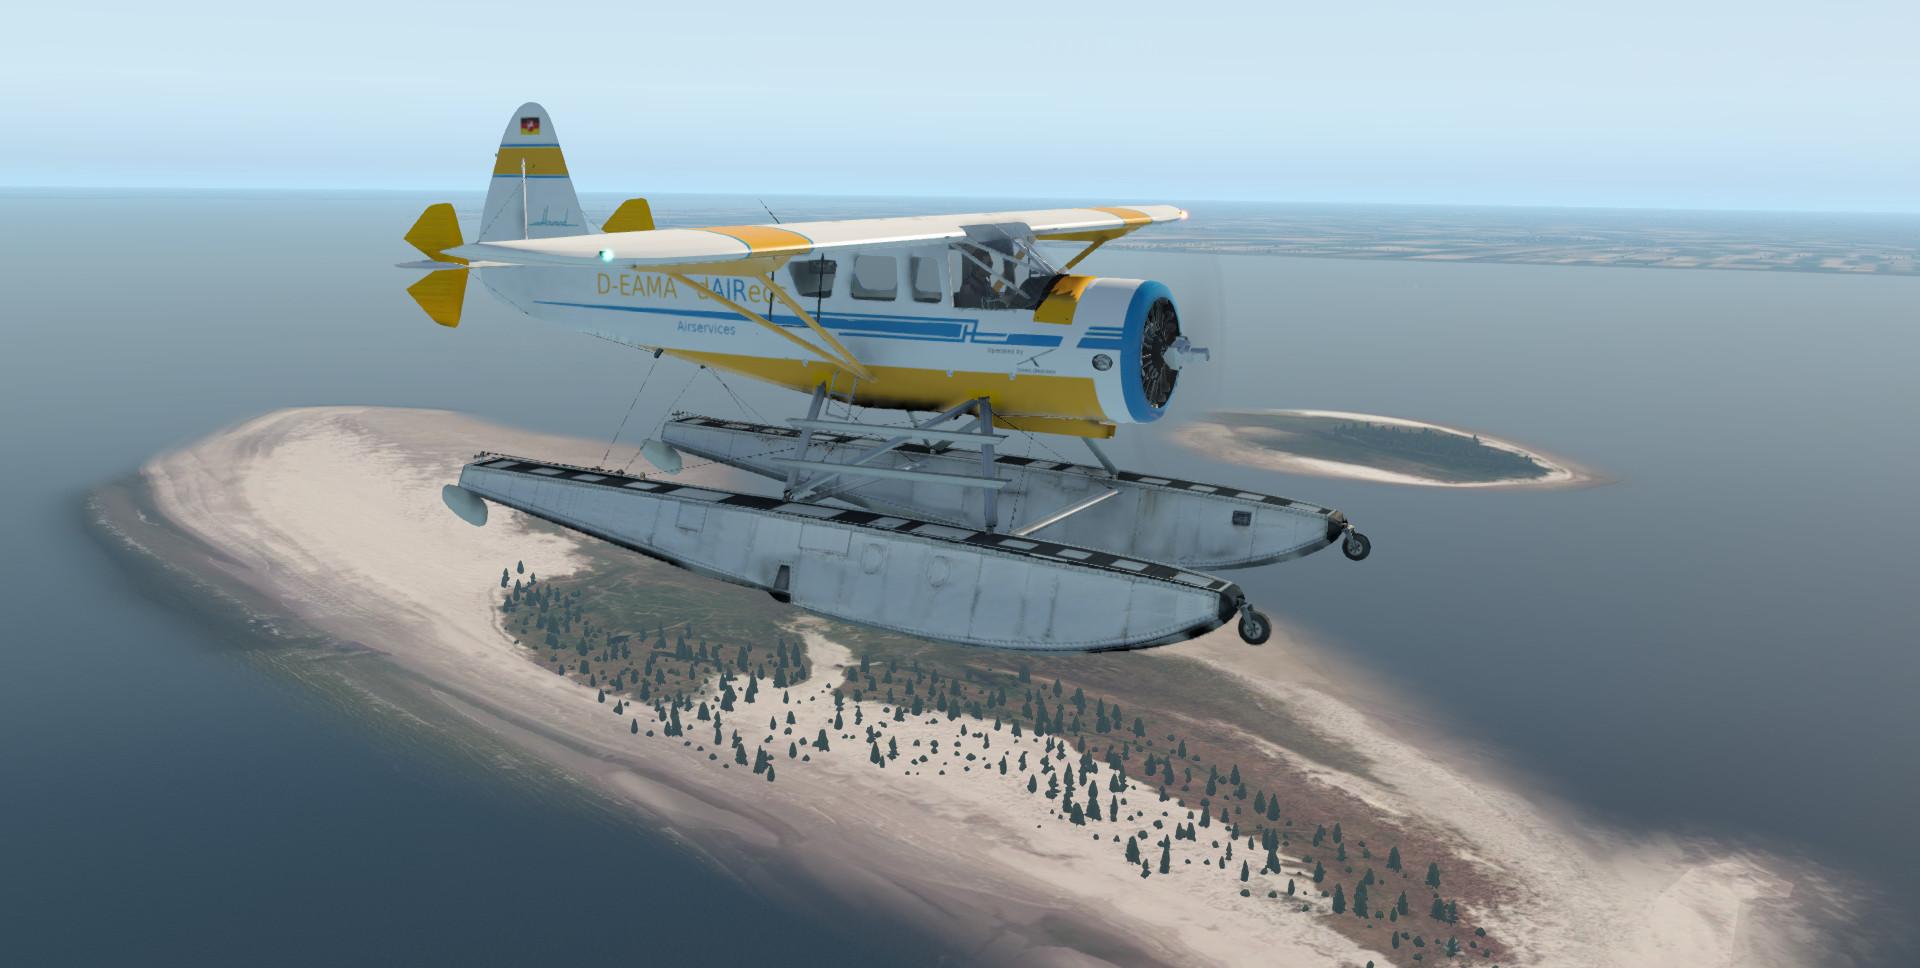 nordseerundflug-018o9kok.jpg